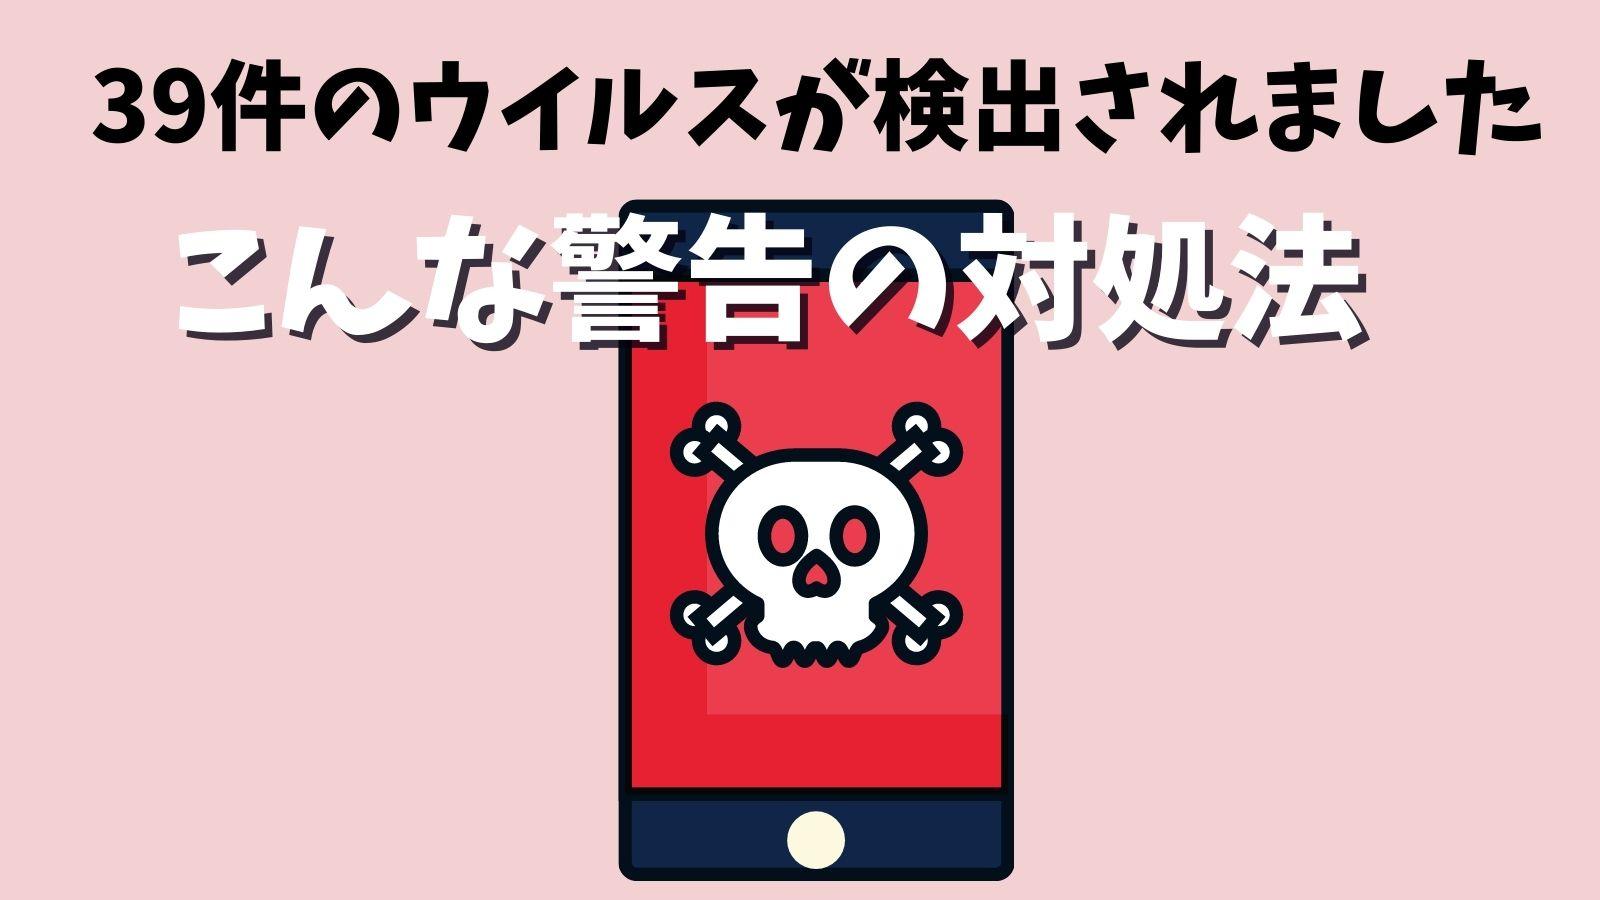 「39件のウイルスが検出されました」が出た時の対策【iPhone使用中に出た】